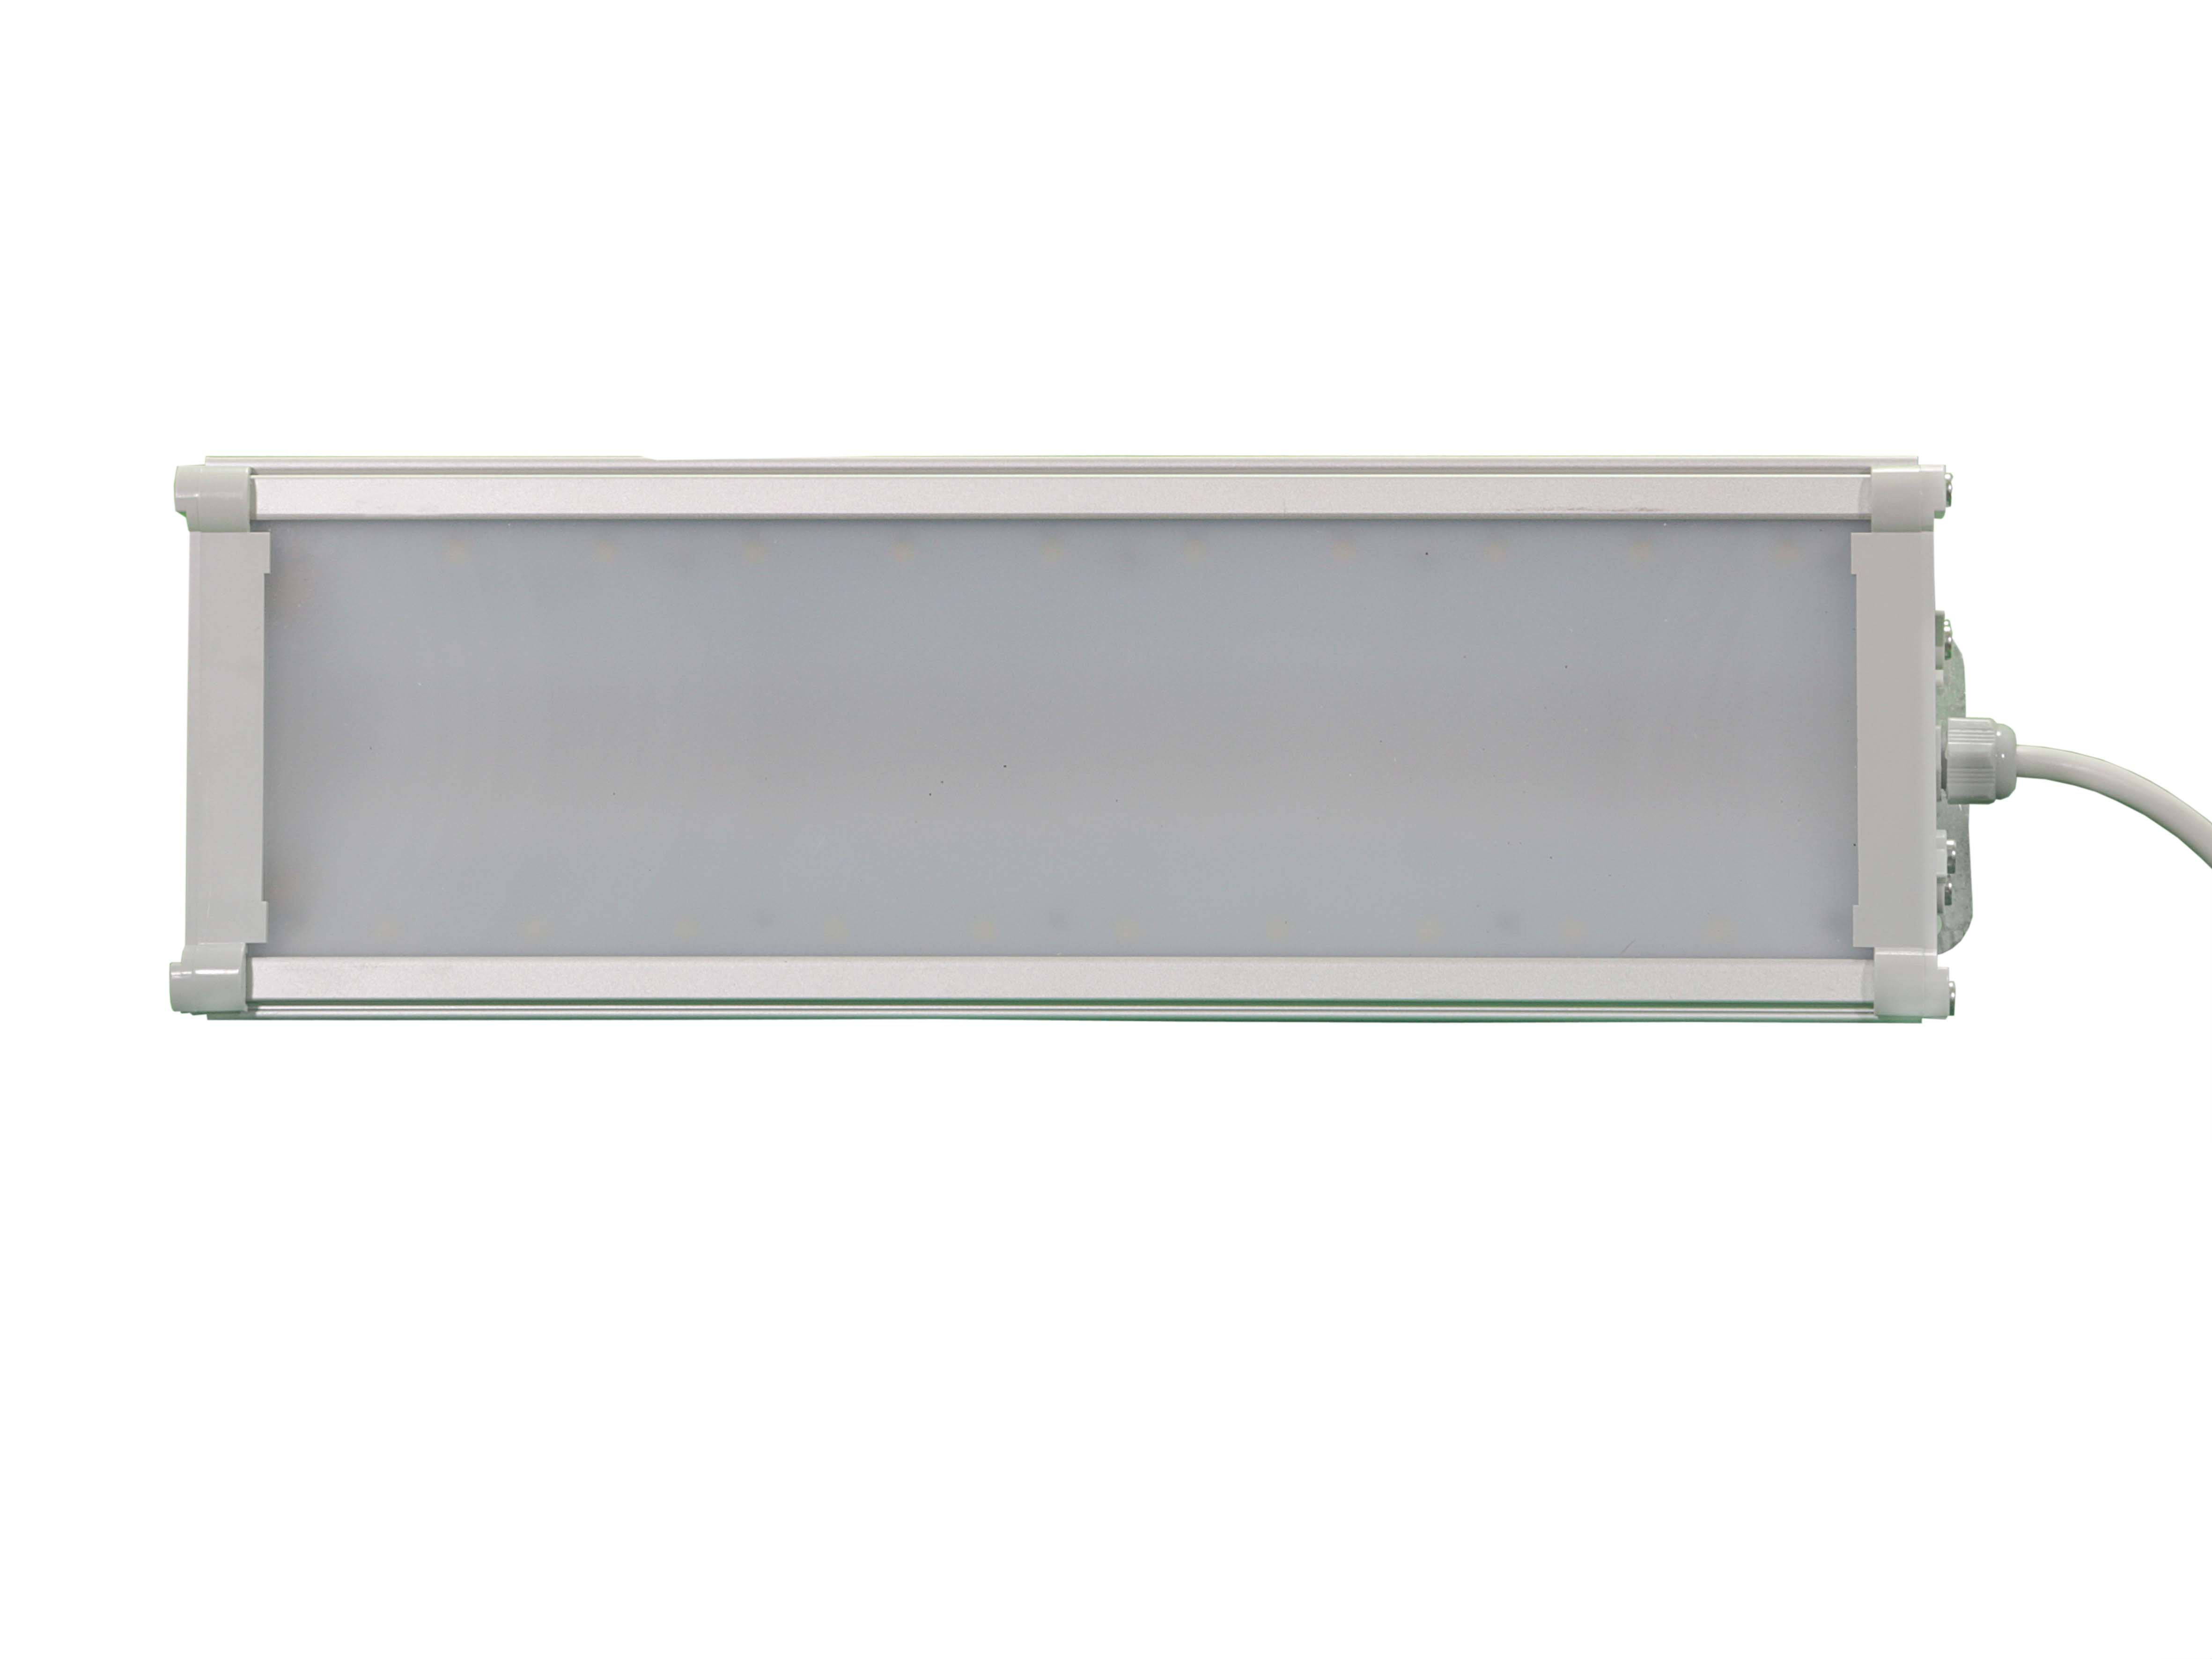 Уличный светодиодный светильник Фотон-240 100Вт 11648Лм